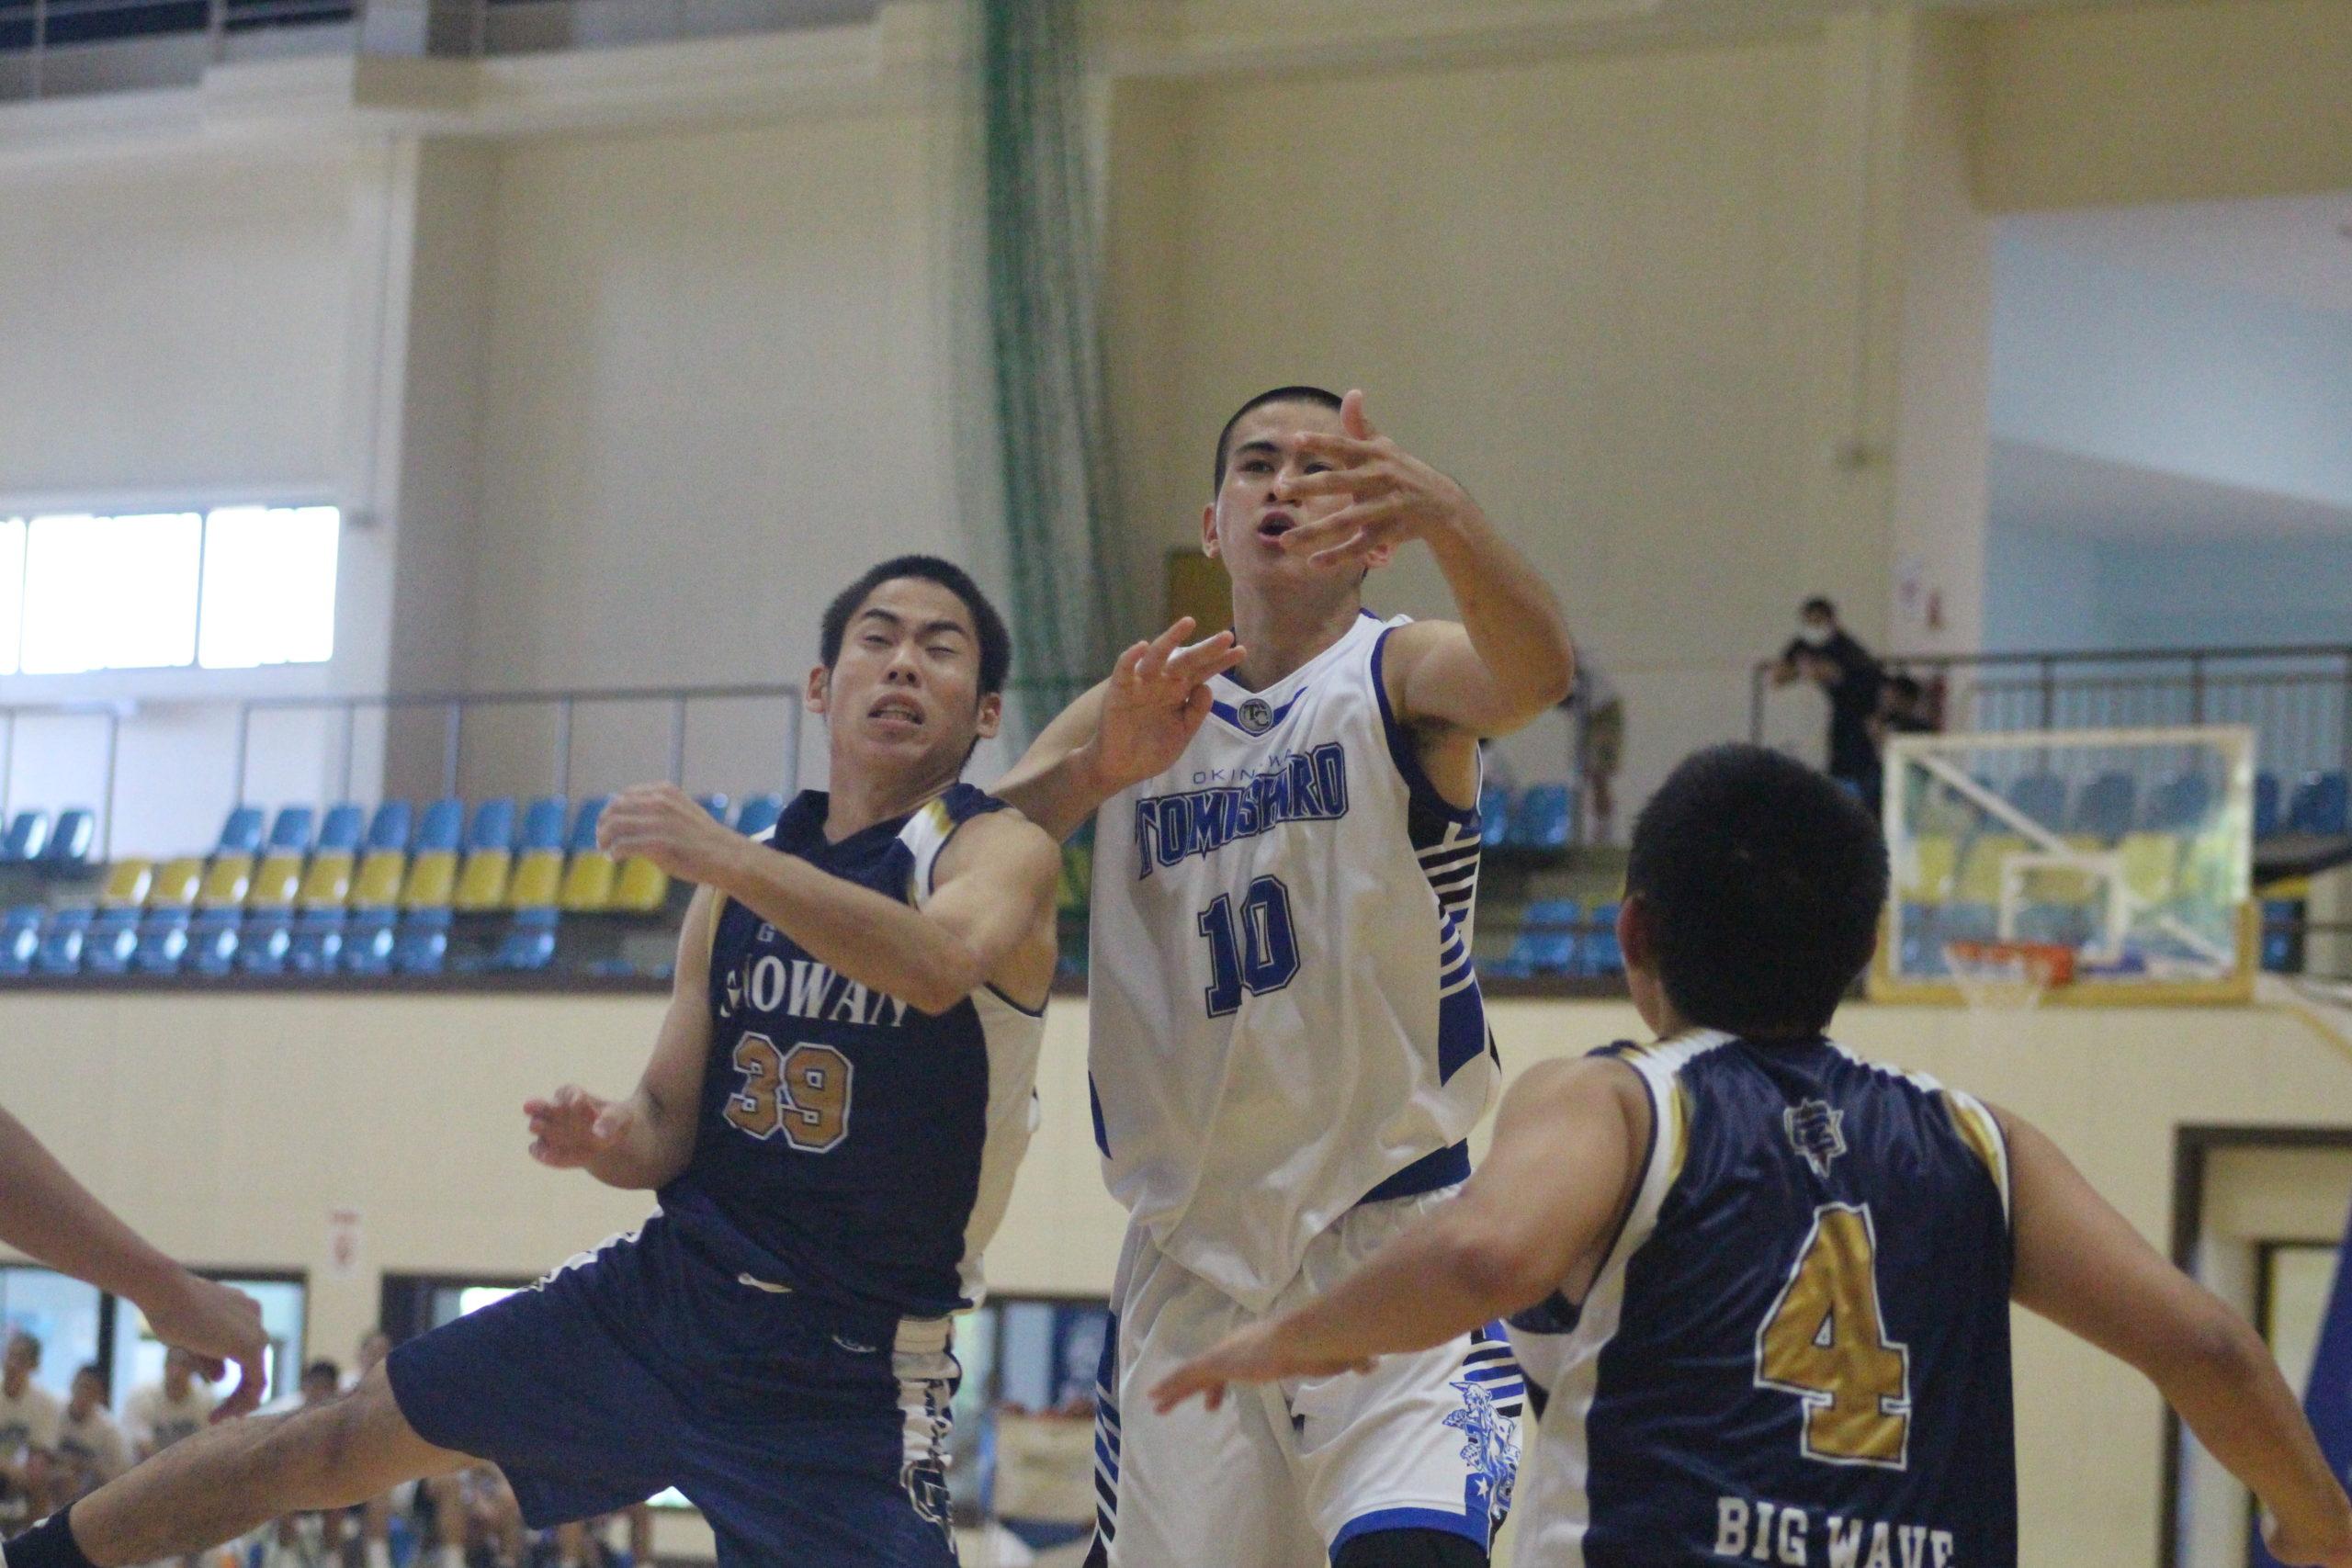 【ウインターカップ沖縄県予選】男子準々決勝の4試合レポート